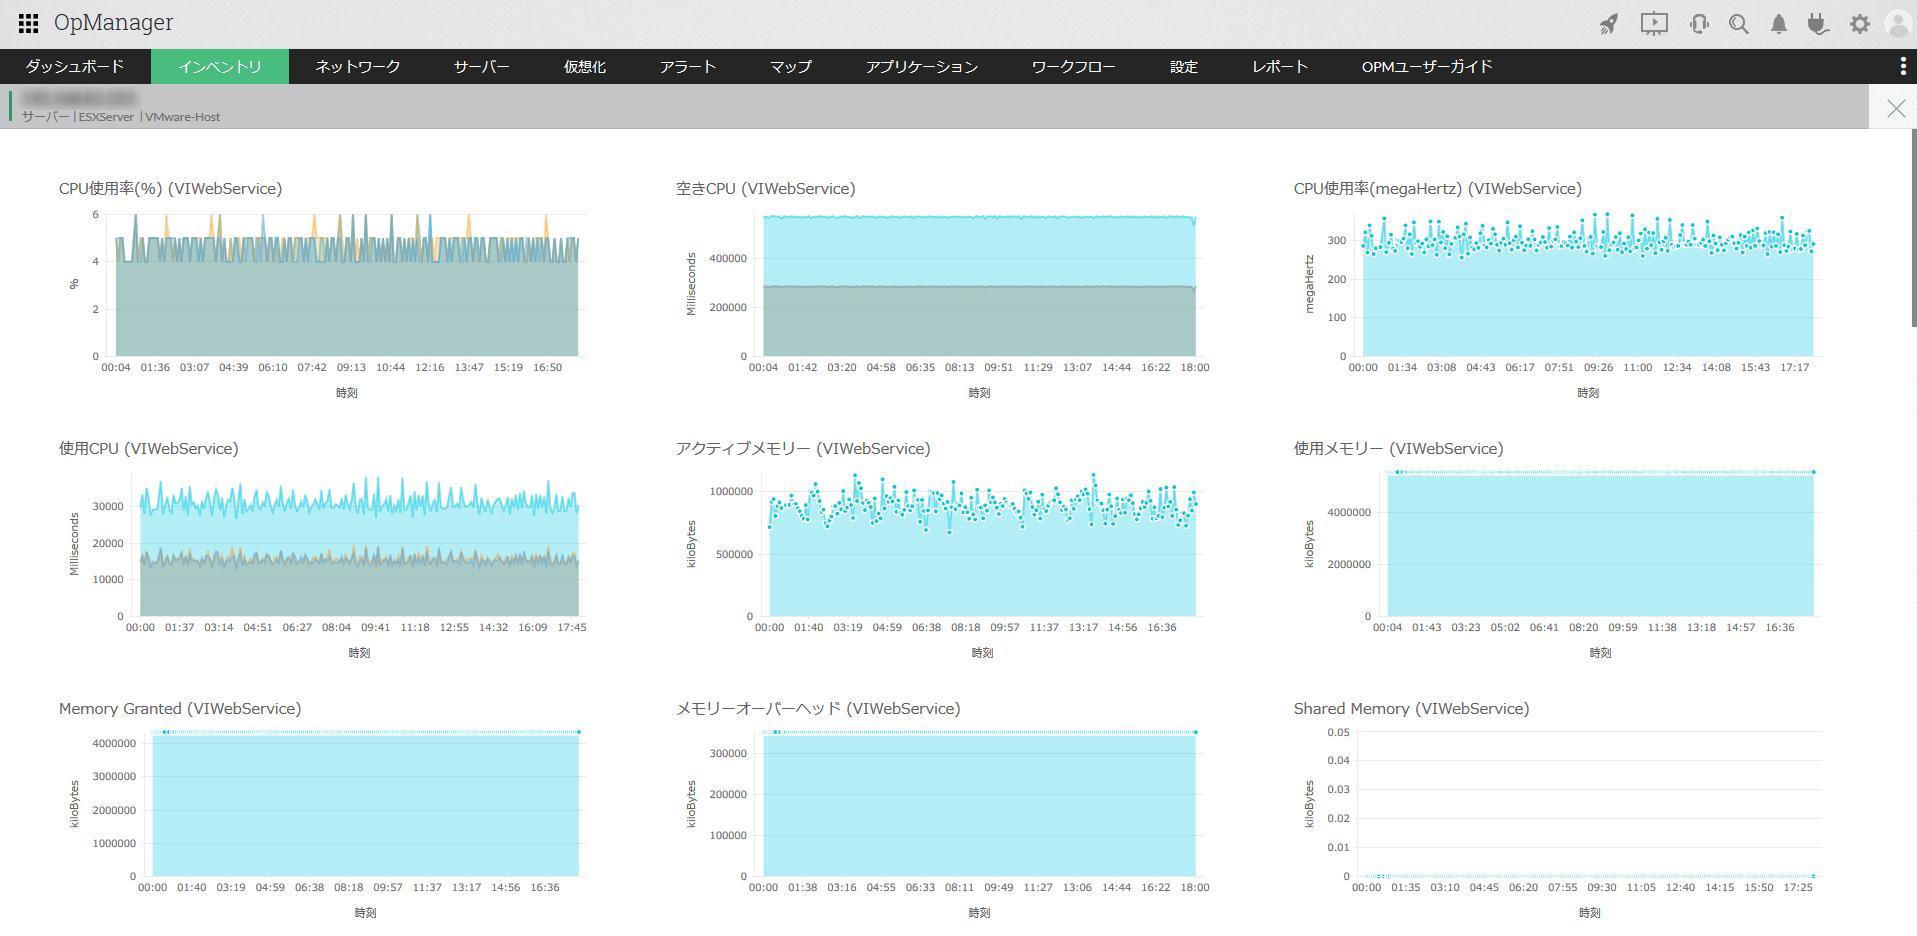 ホストOSのスナップショット上で確認できるパフォーマンス情報